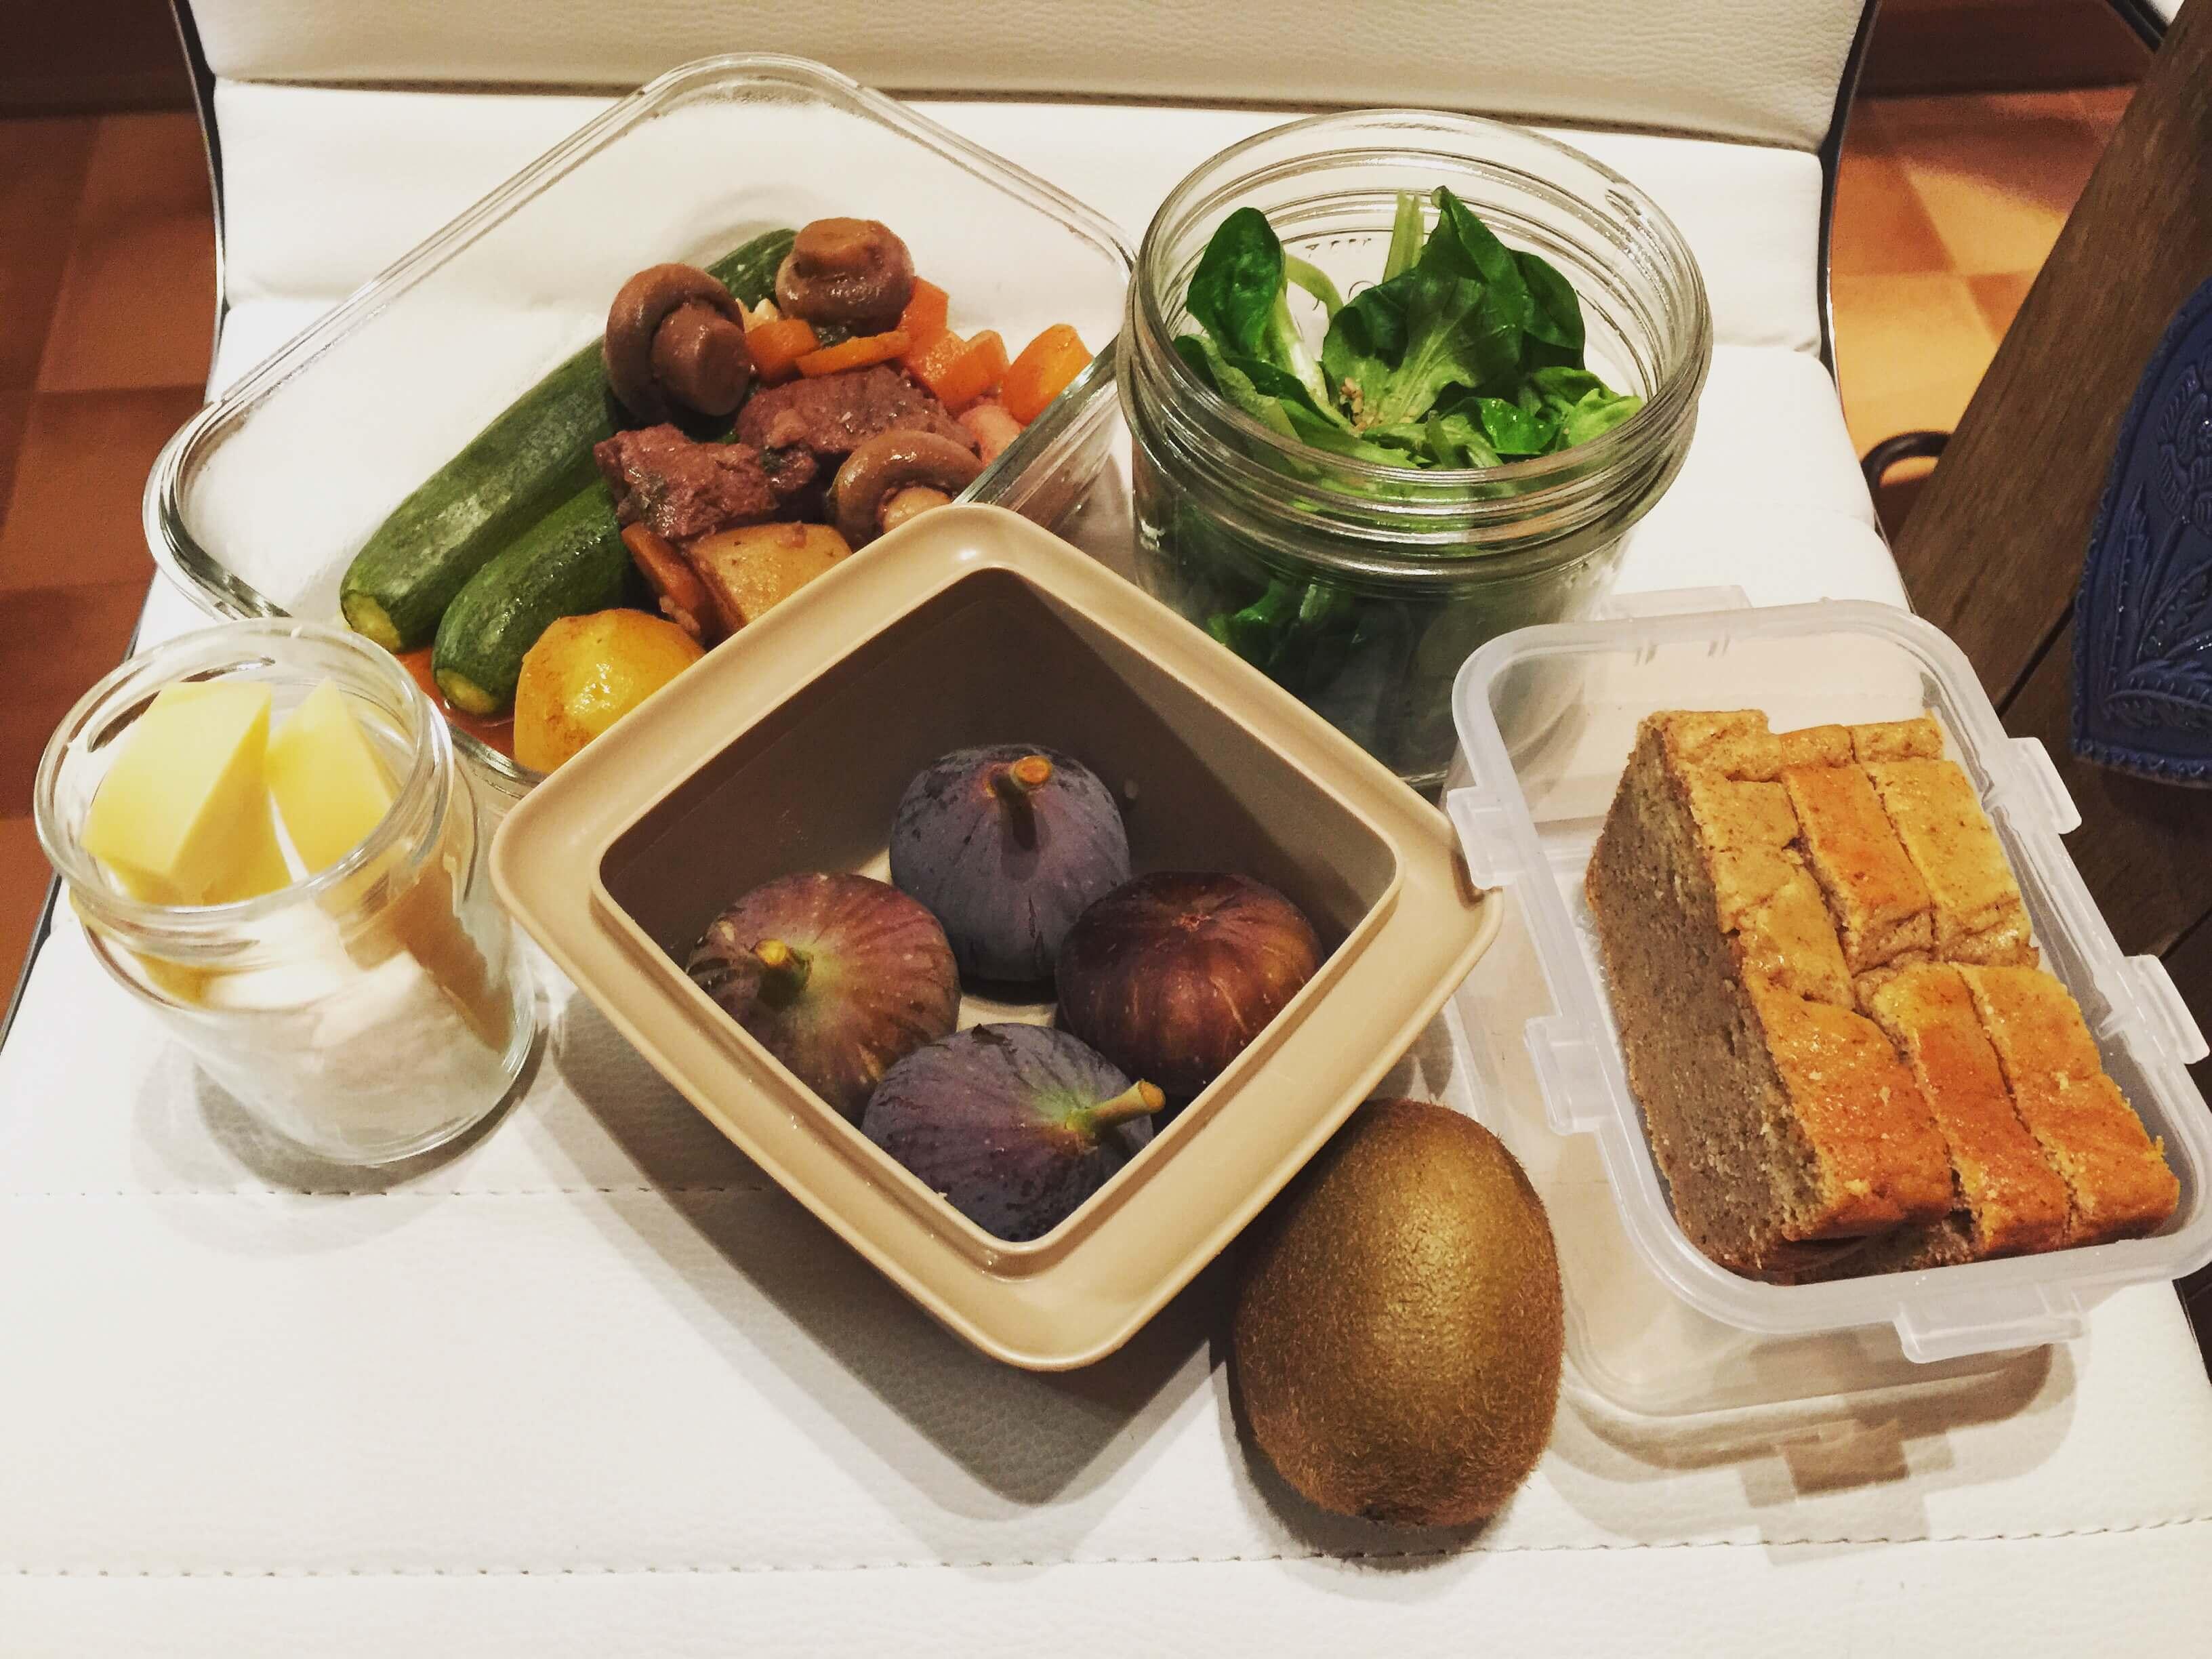 Repas healthy pour toute une journée